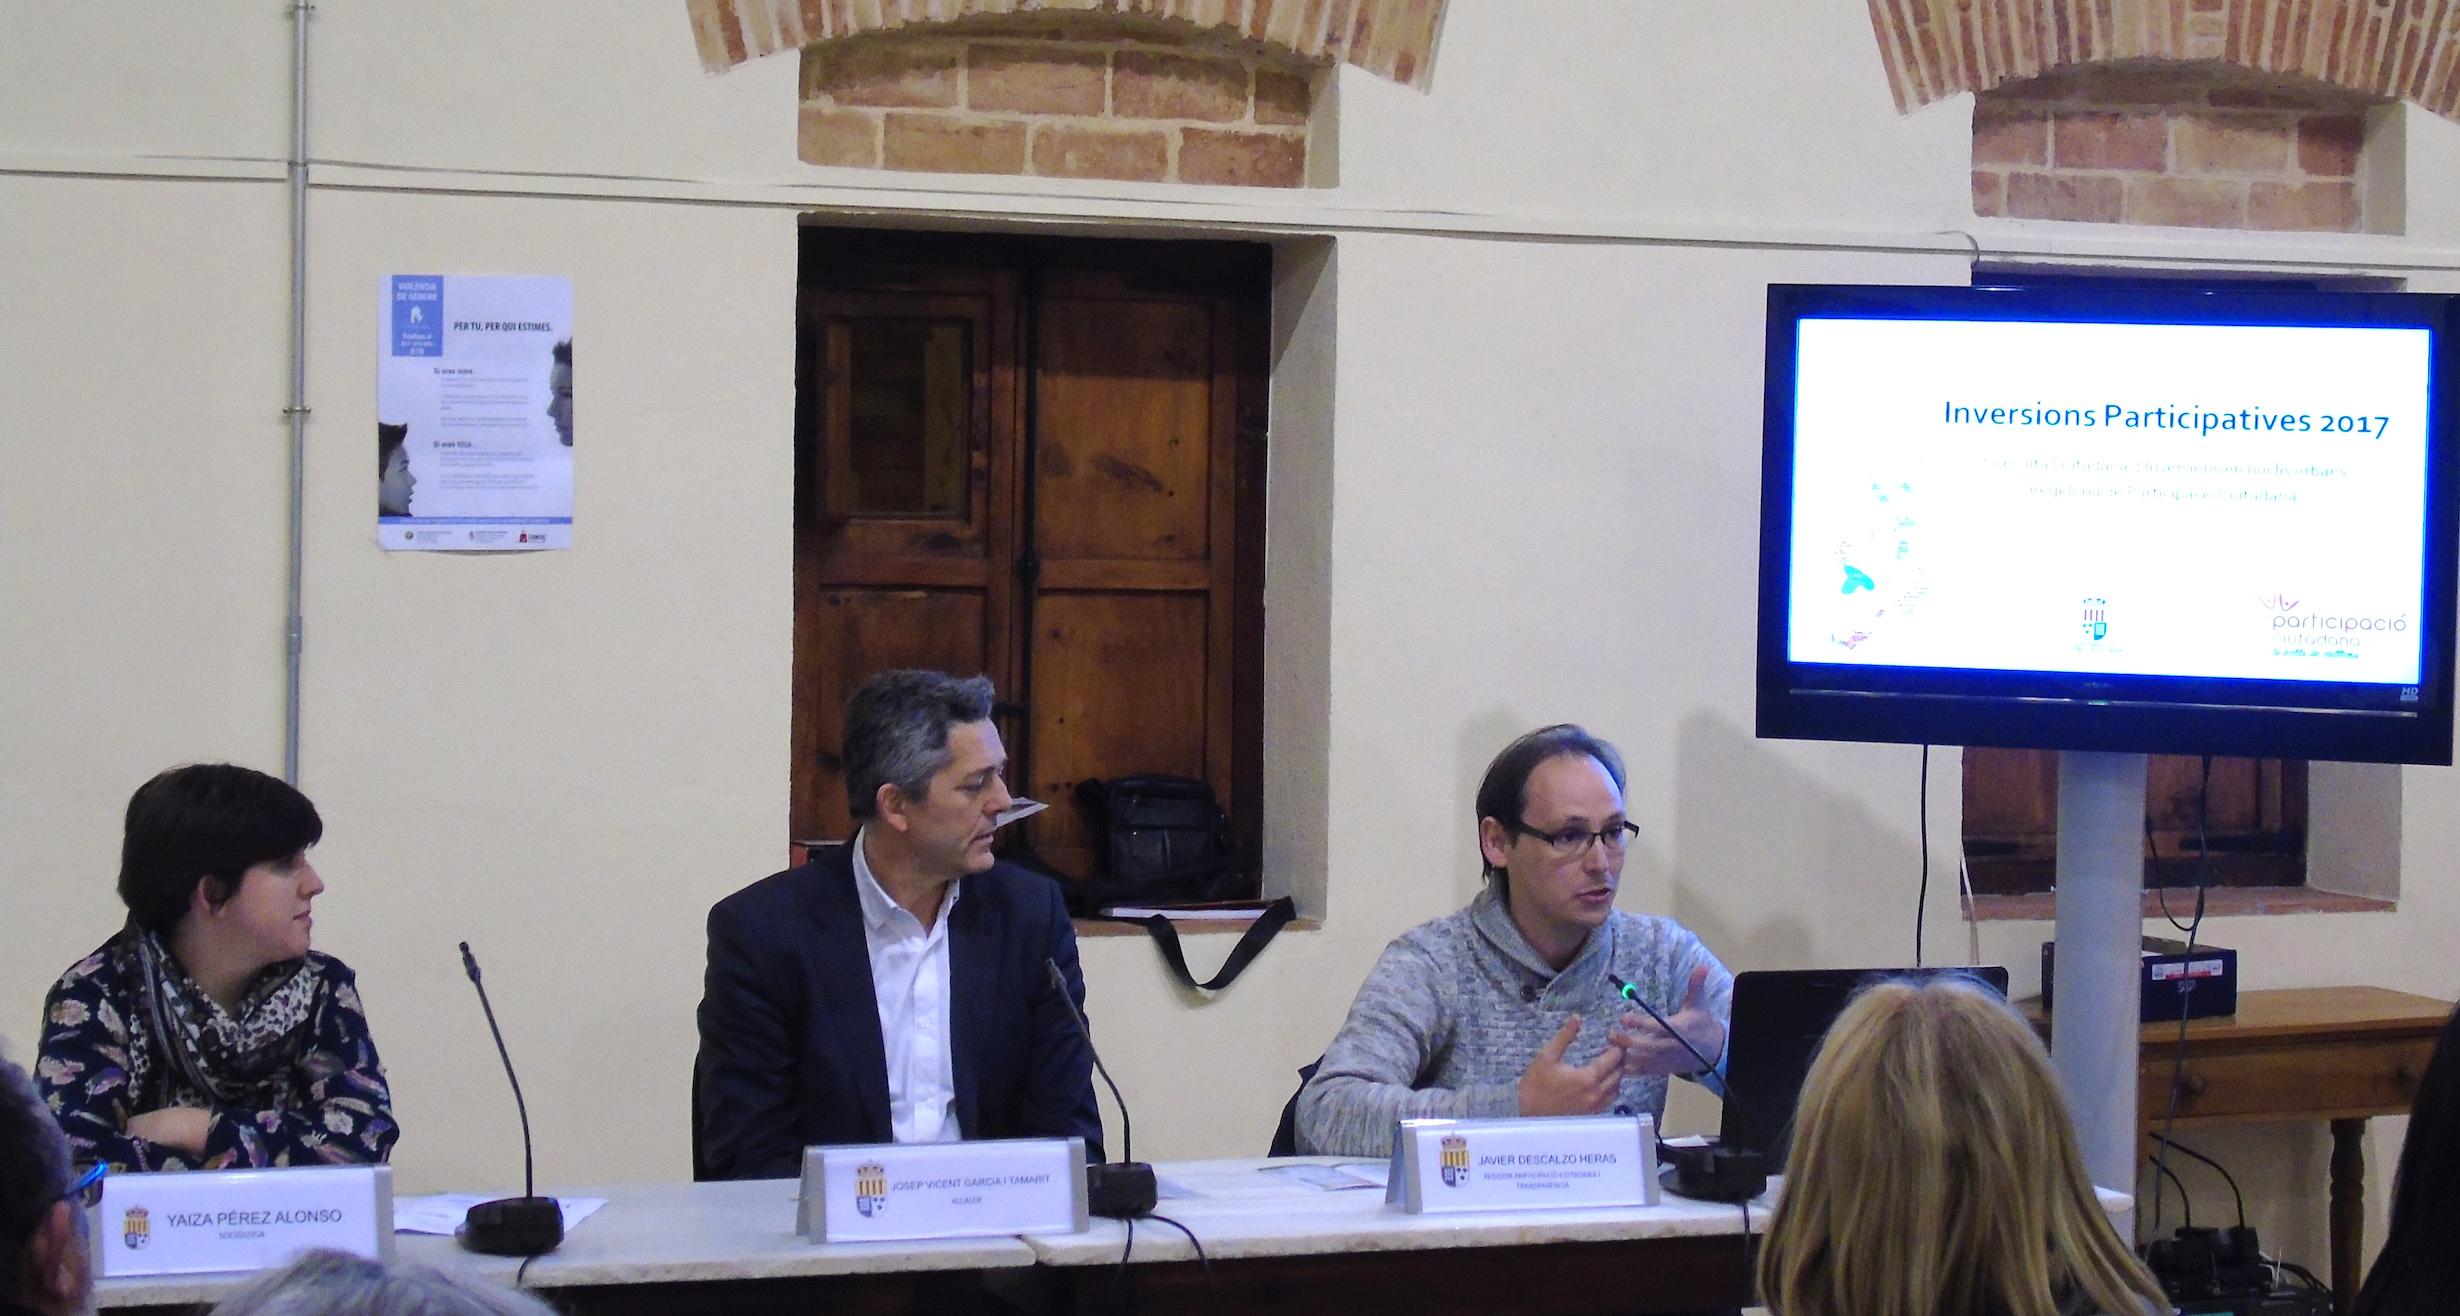 L'Ajuntament de la Pobla de Vallbona destinarà 132.000 euros del pressupost municipal a les inversions que trien els veïns.